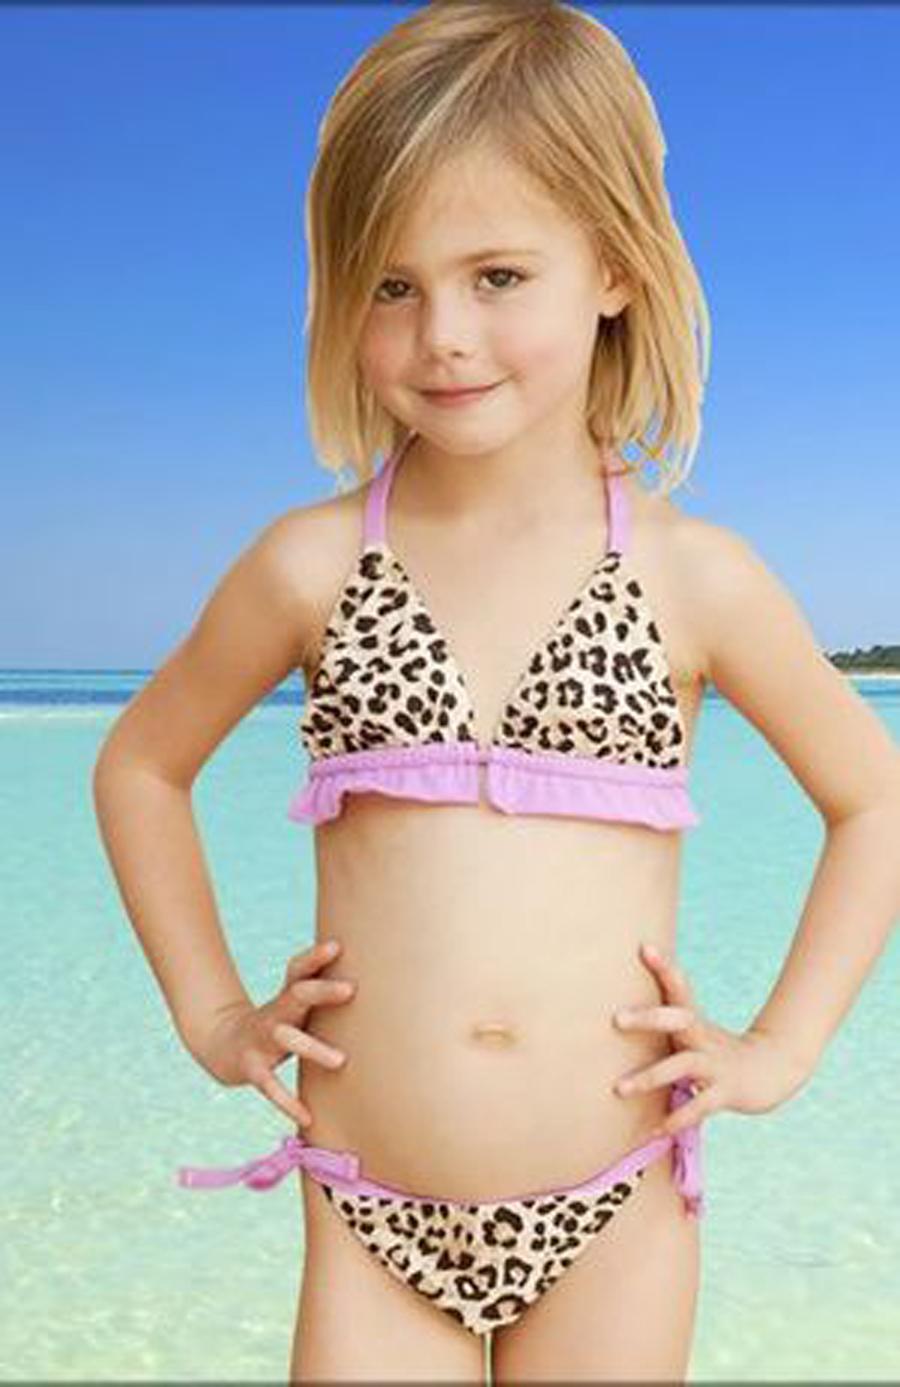 Смотреть фото бесплатно маленькие голые девочки 18 фотография